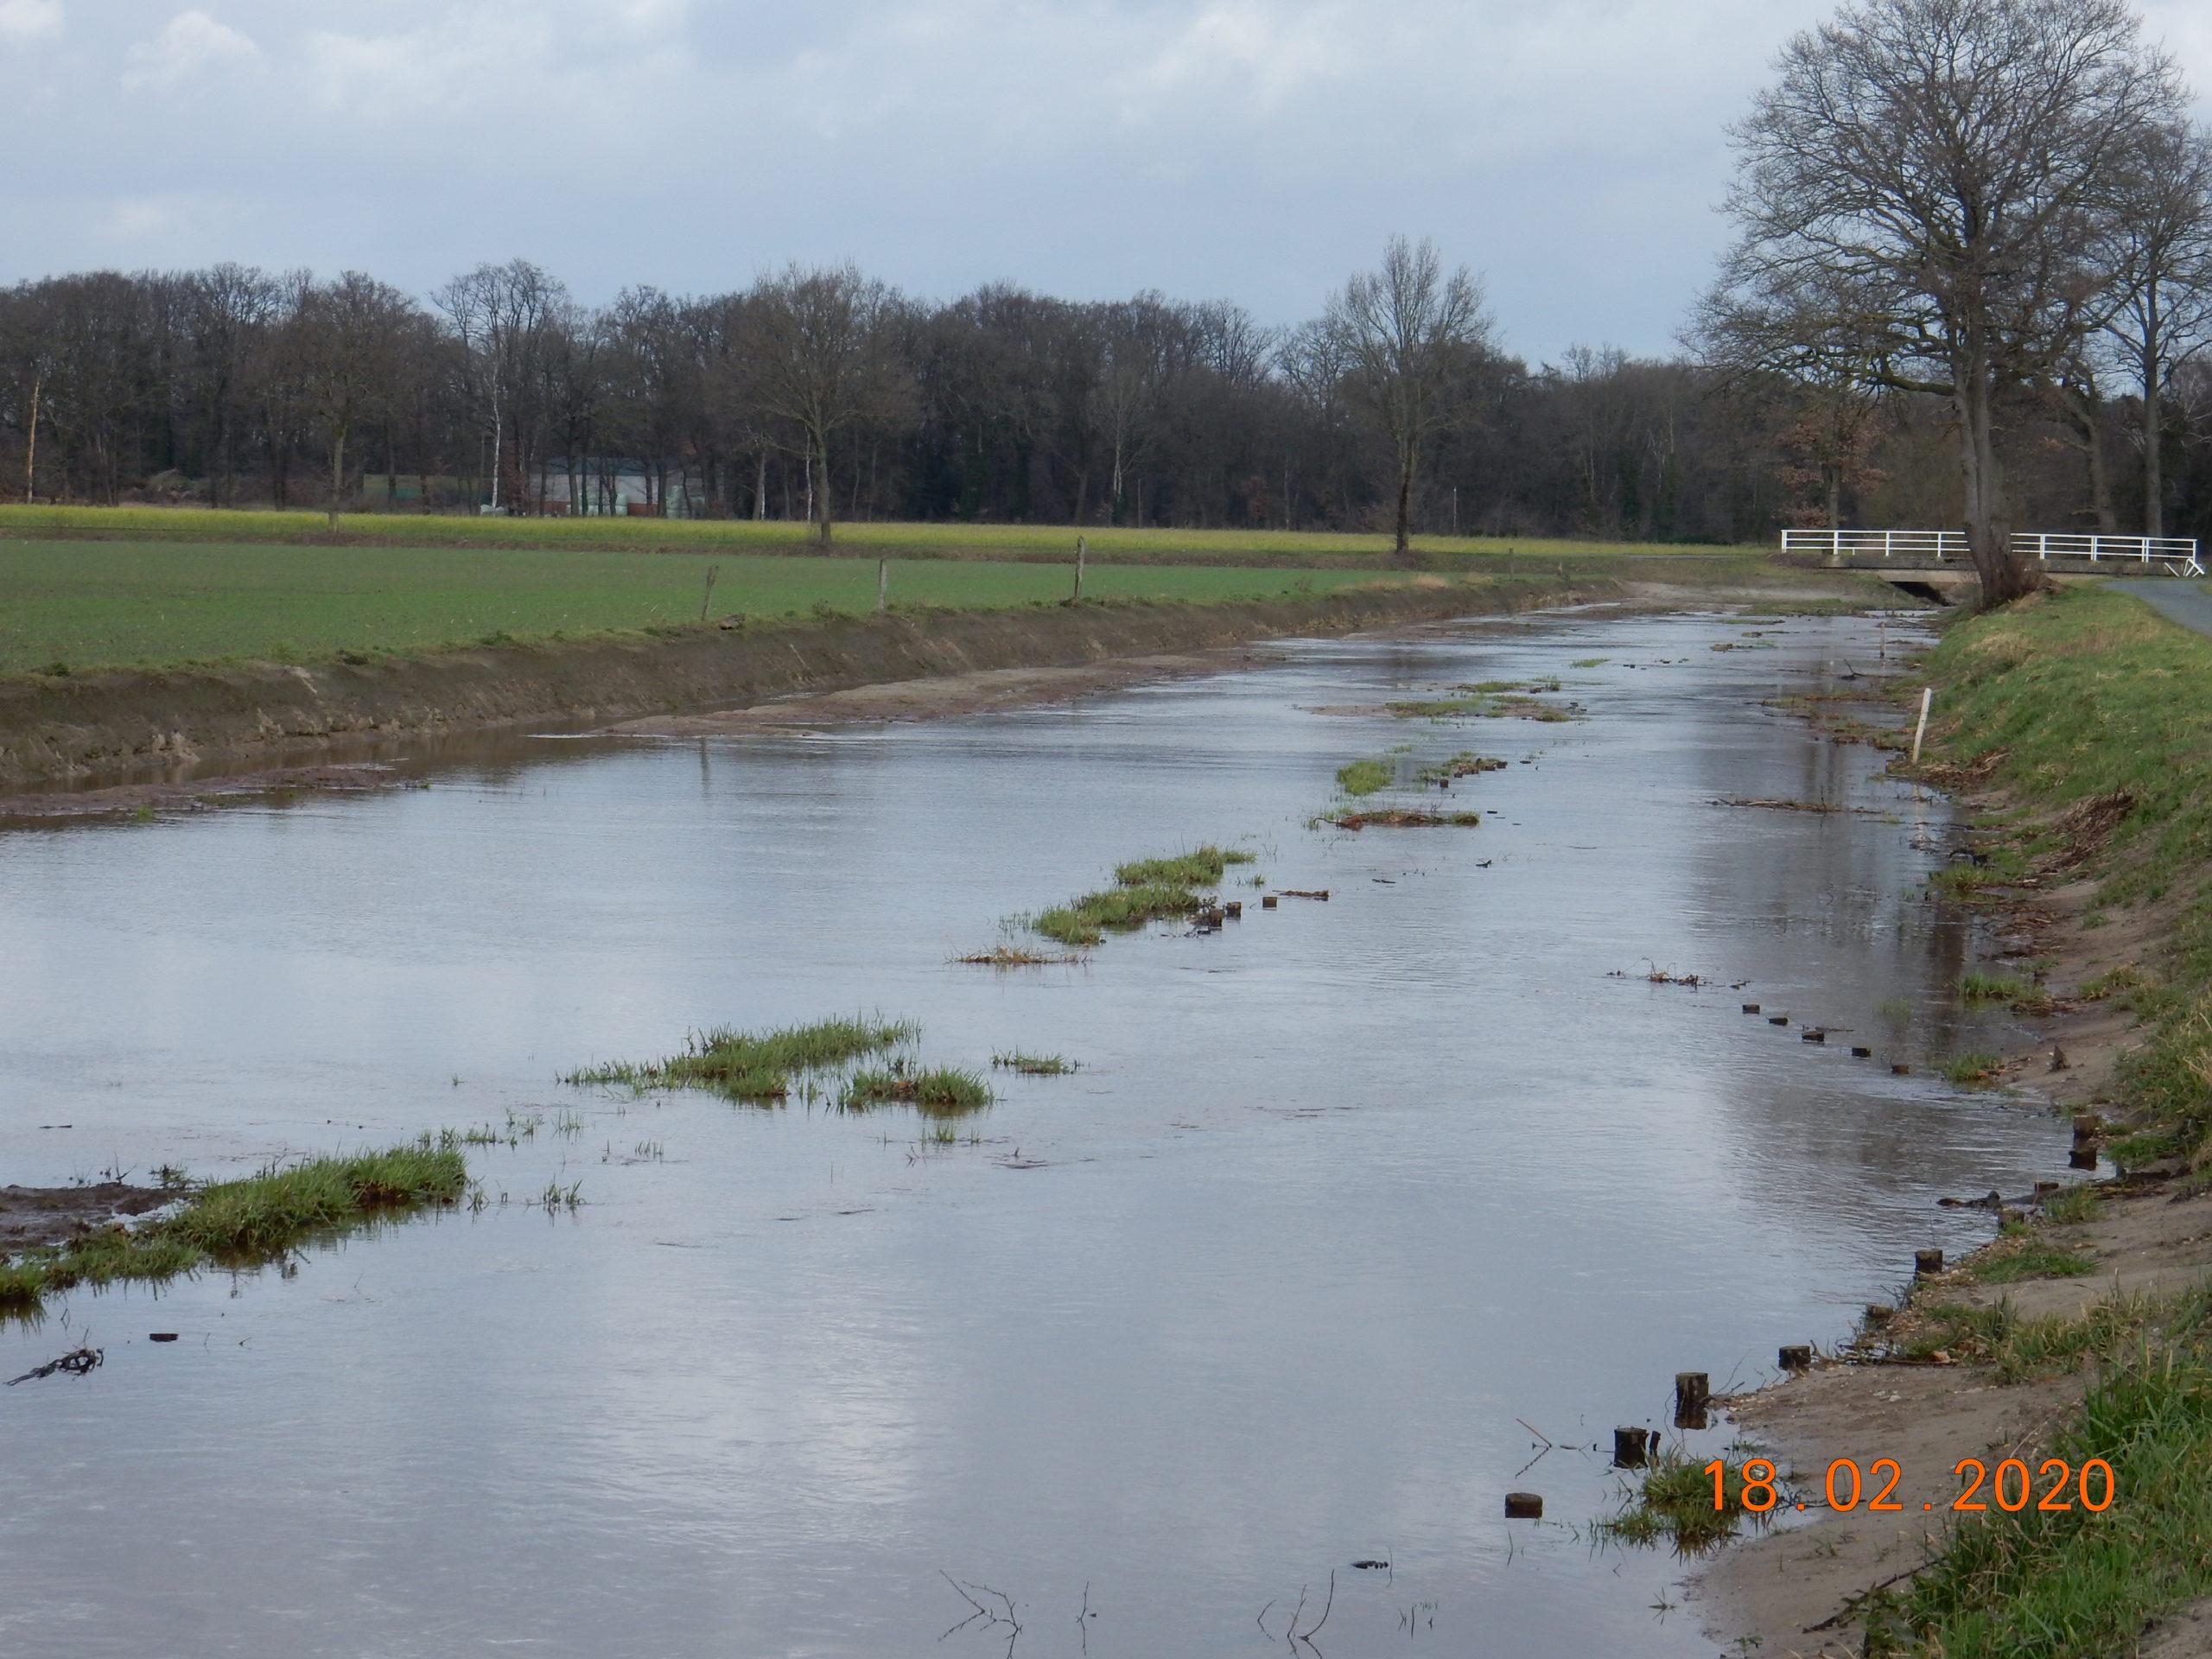 Blick in Fließrichtung bei Hochwasser